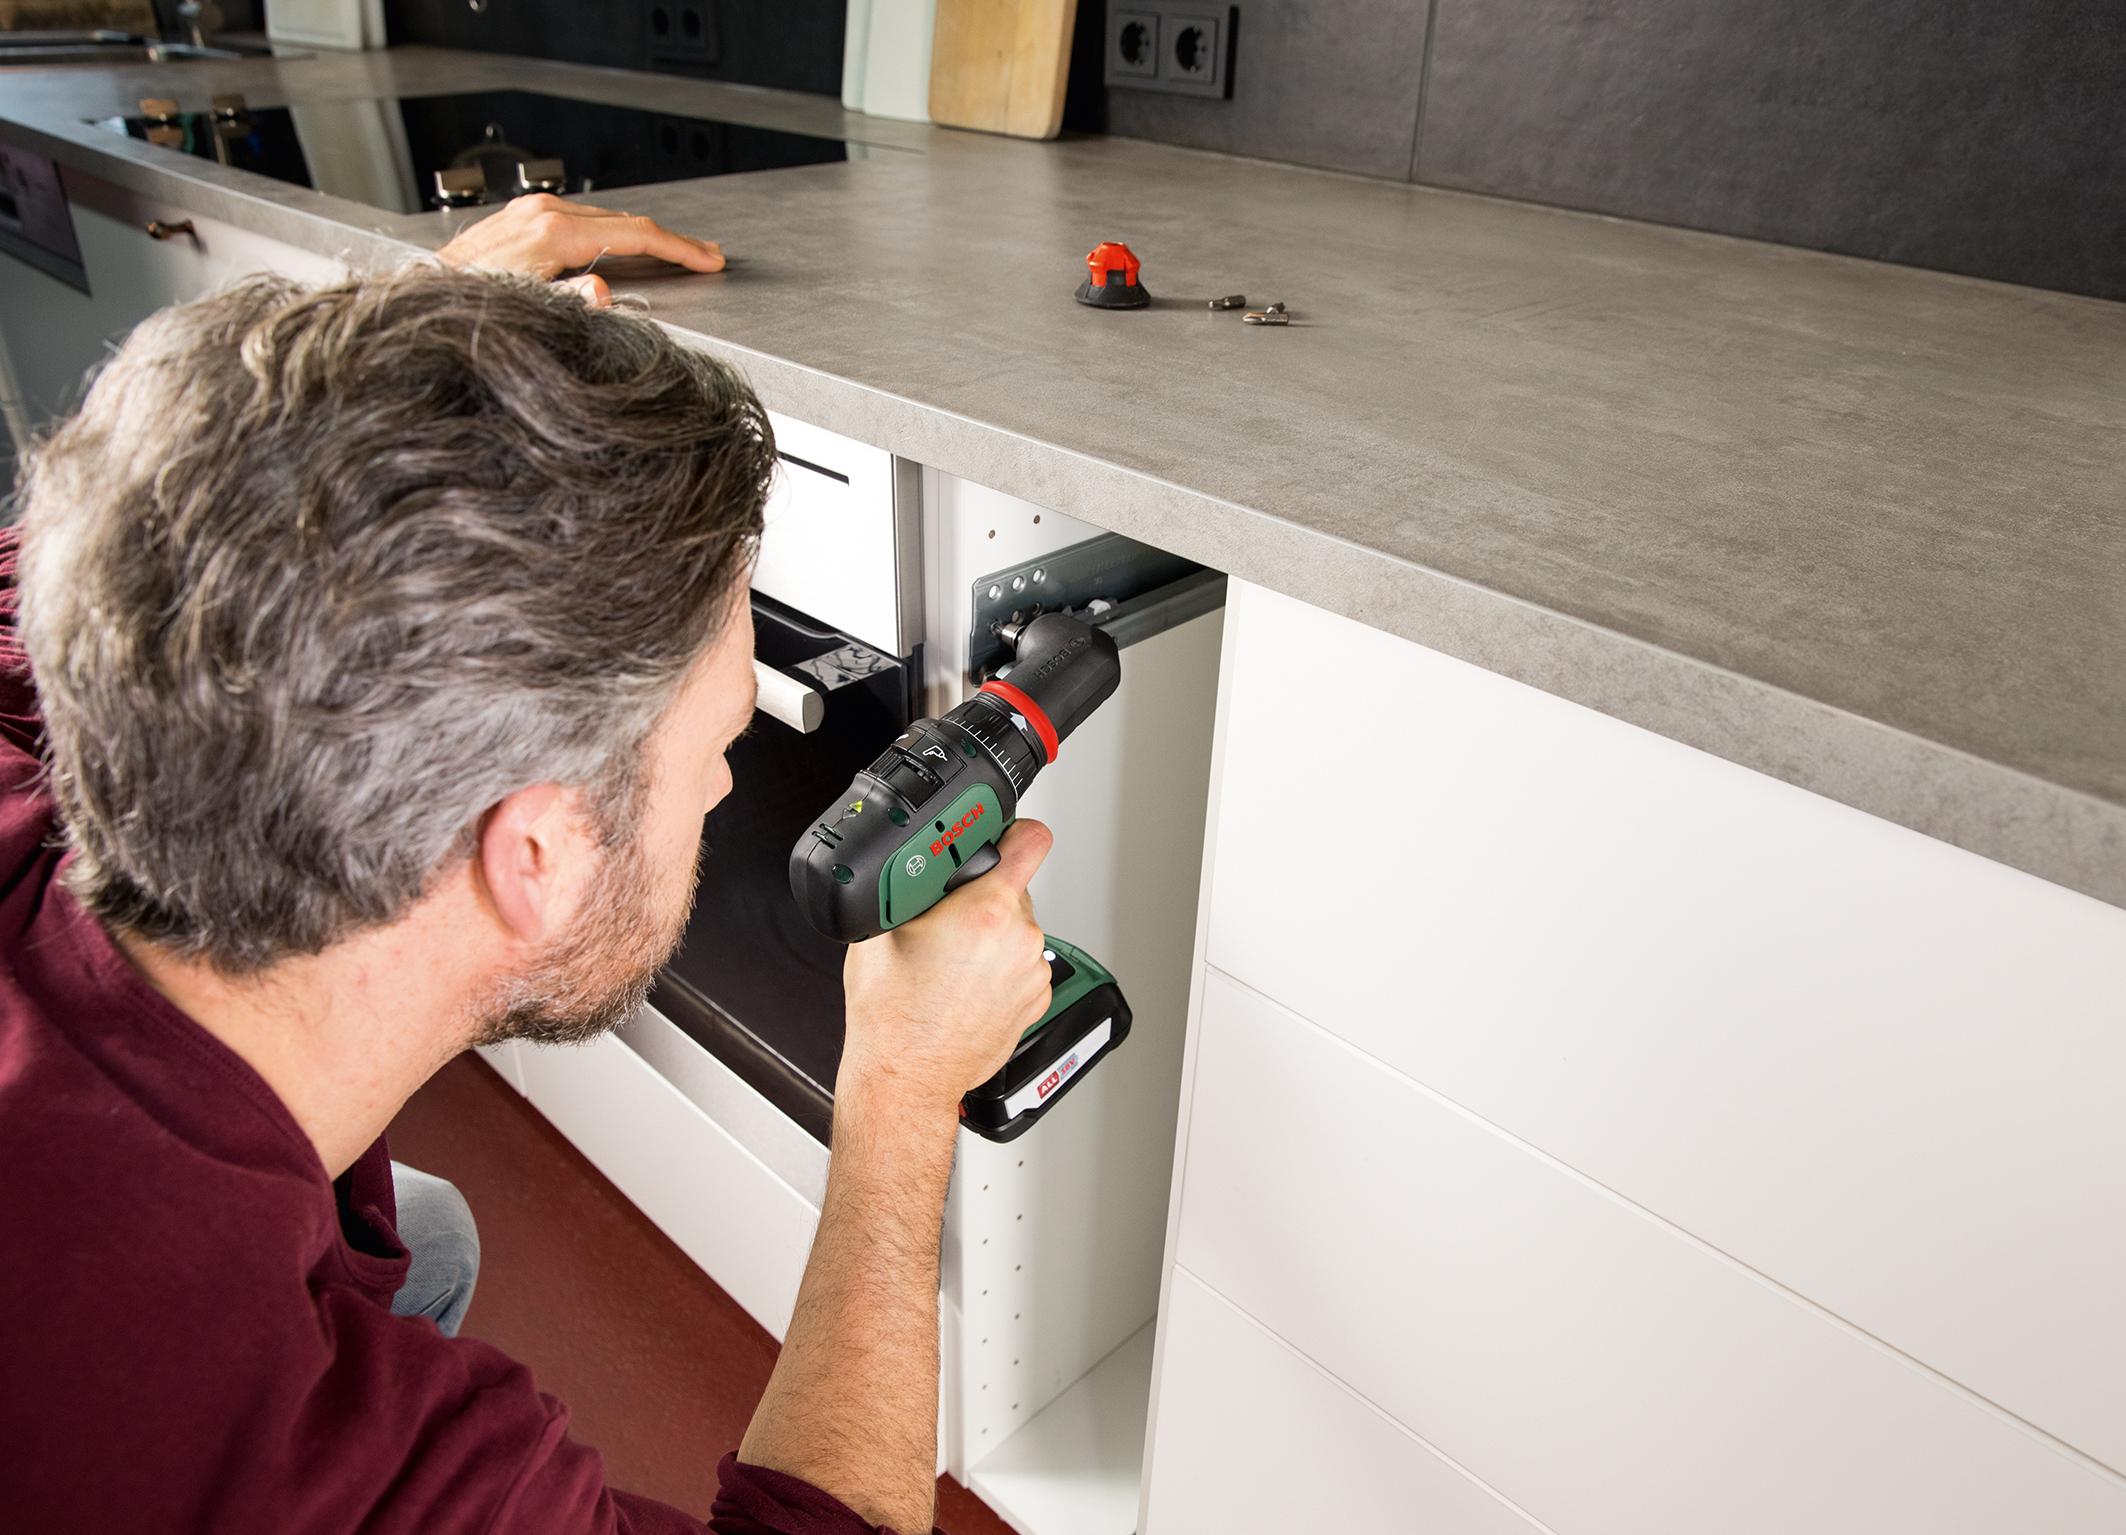 Maximale Flexibilität durch Wechselaufsätze: AdvancedDrill 18 und AdvancedImpact 18 von Bosch